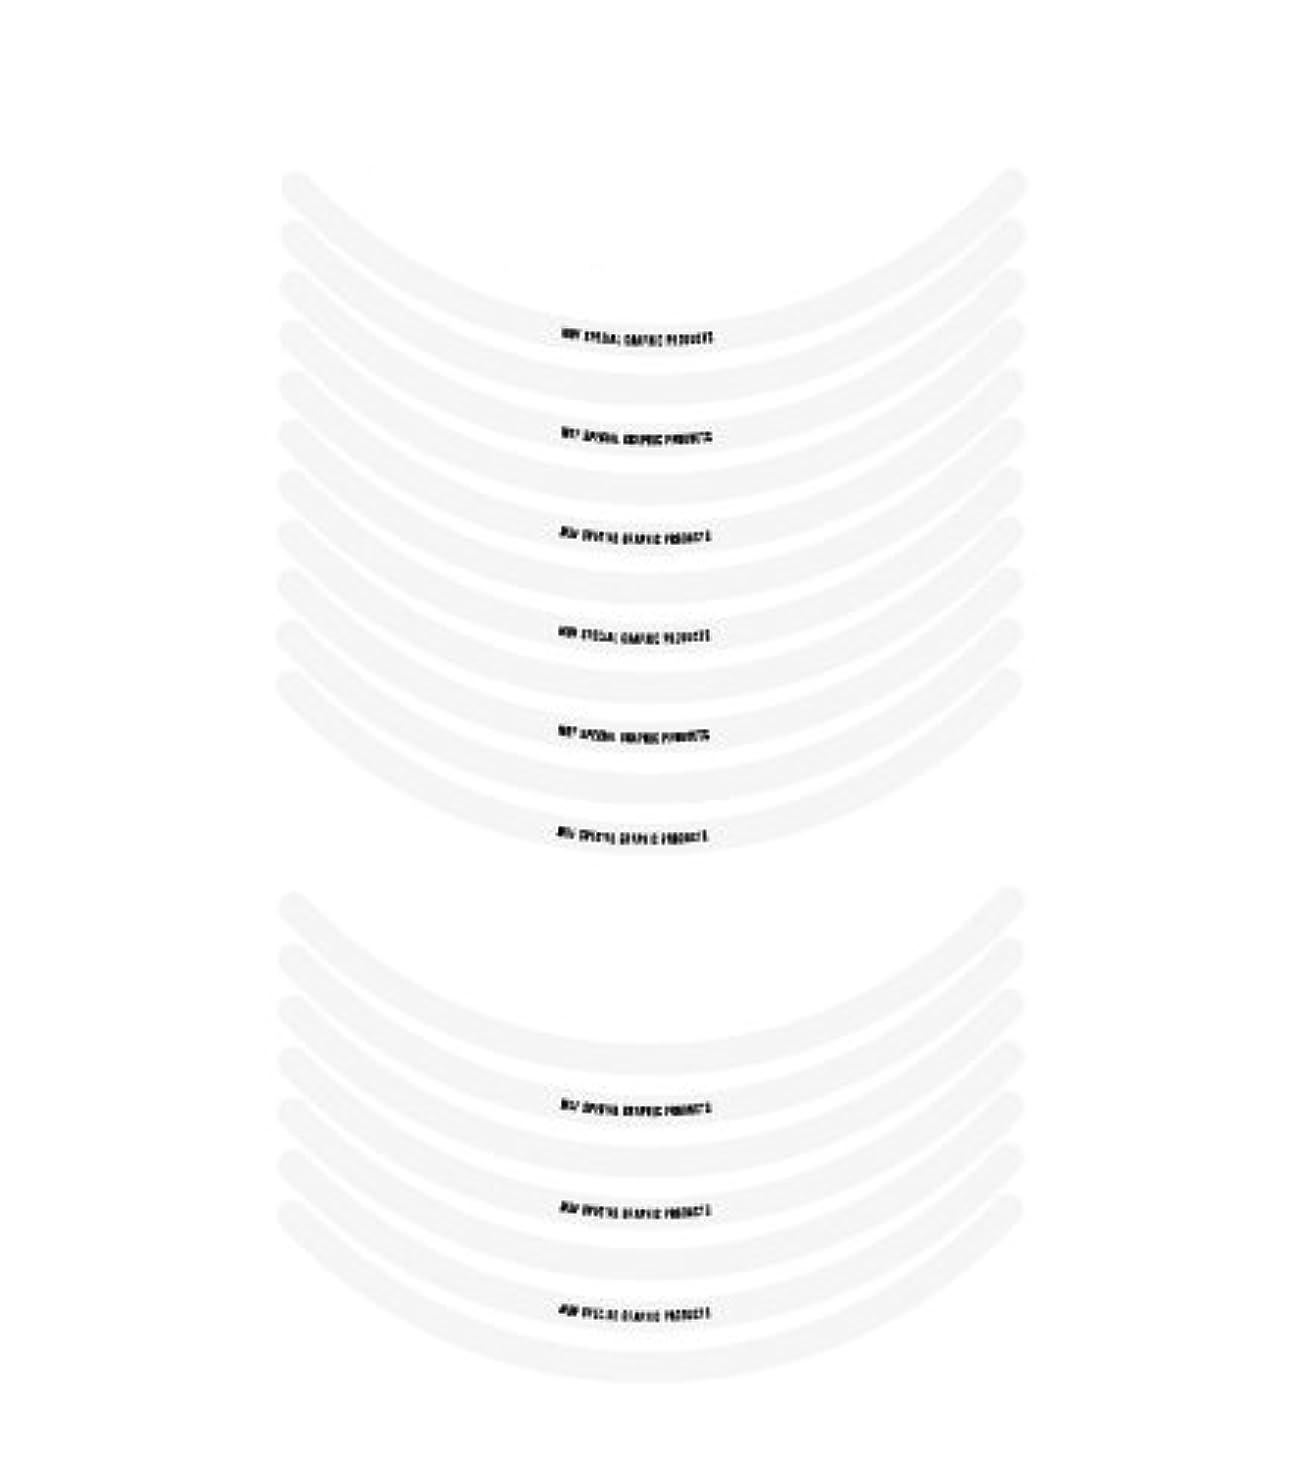 海嶺郊外多用途14インチ用リムステッカー シルバー 予備の付いた20本入り 夜間反射材使用 2輪?4輪共通 アルミホイール、スチールホイール対応